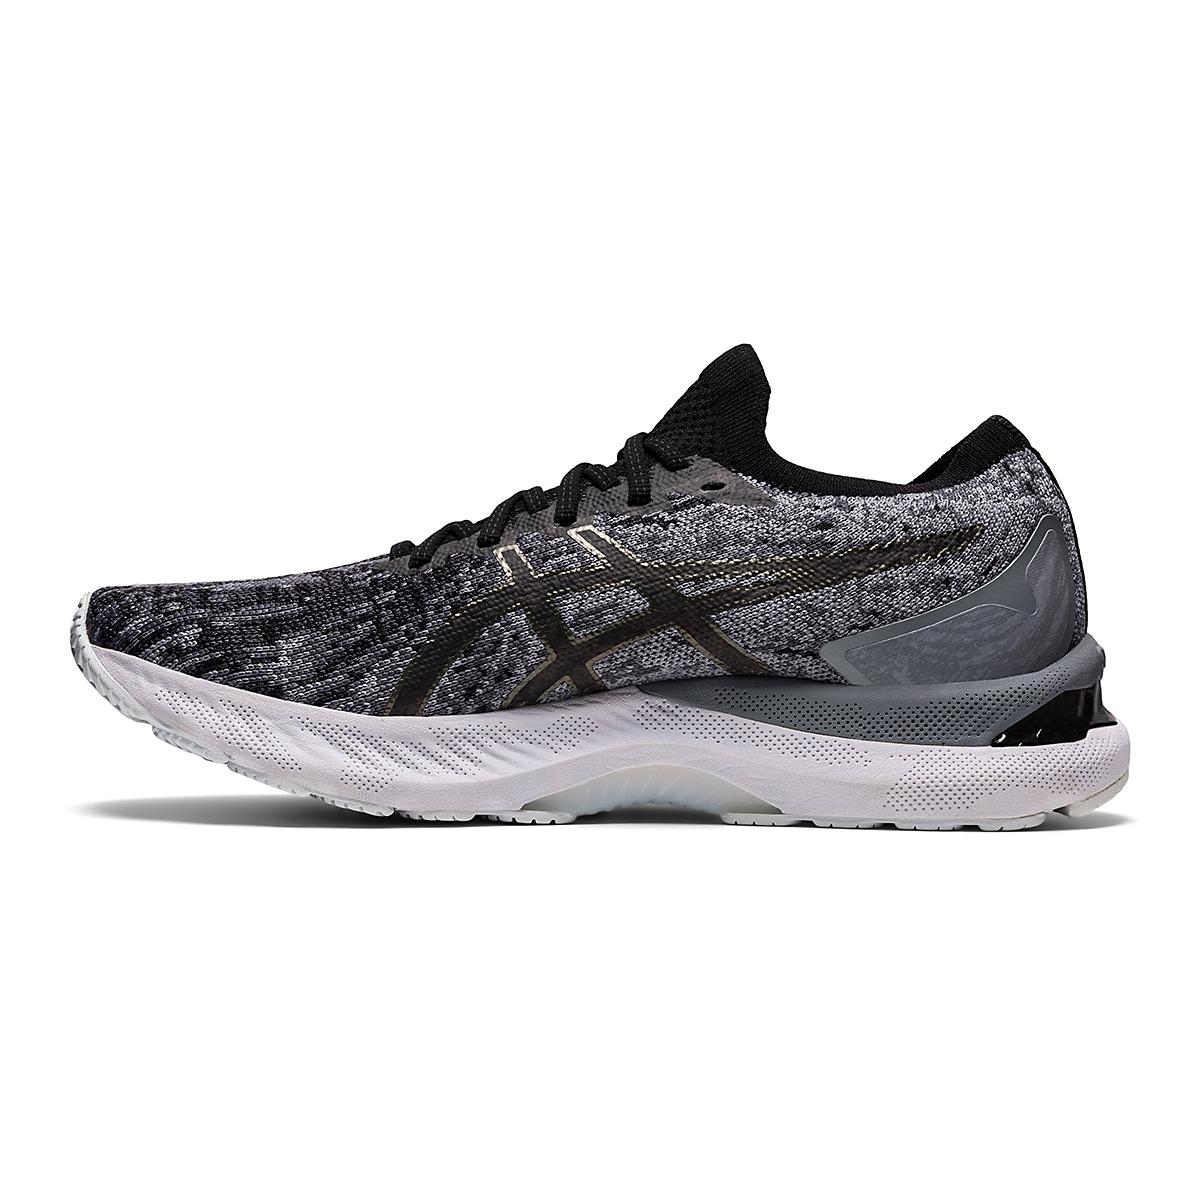 Men's Asics Gel-Nimbus 23 Knit Running Shoe - Color: Sheet Rock/Black - Size: 7 - Width: Regular, Sheet Rock/Black, large, image 2